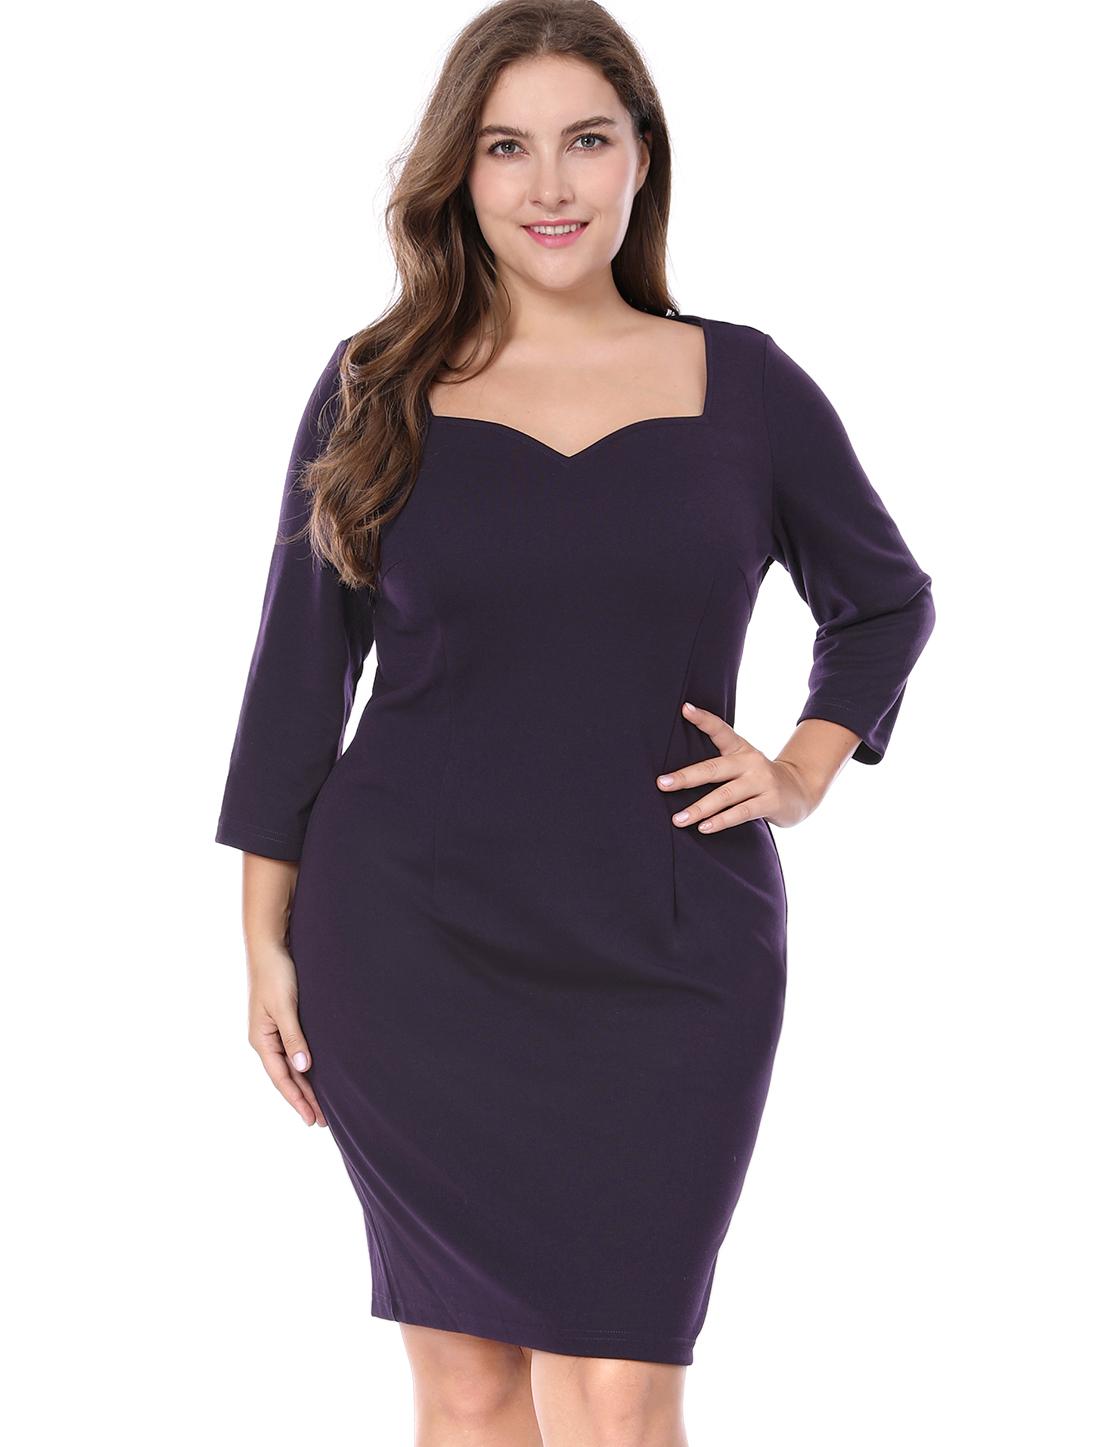 Women Plus Size Sweetheart Neckline 3/4 Sleeves Above Knee Slim Fit Dress Purple 3X